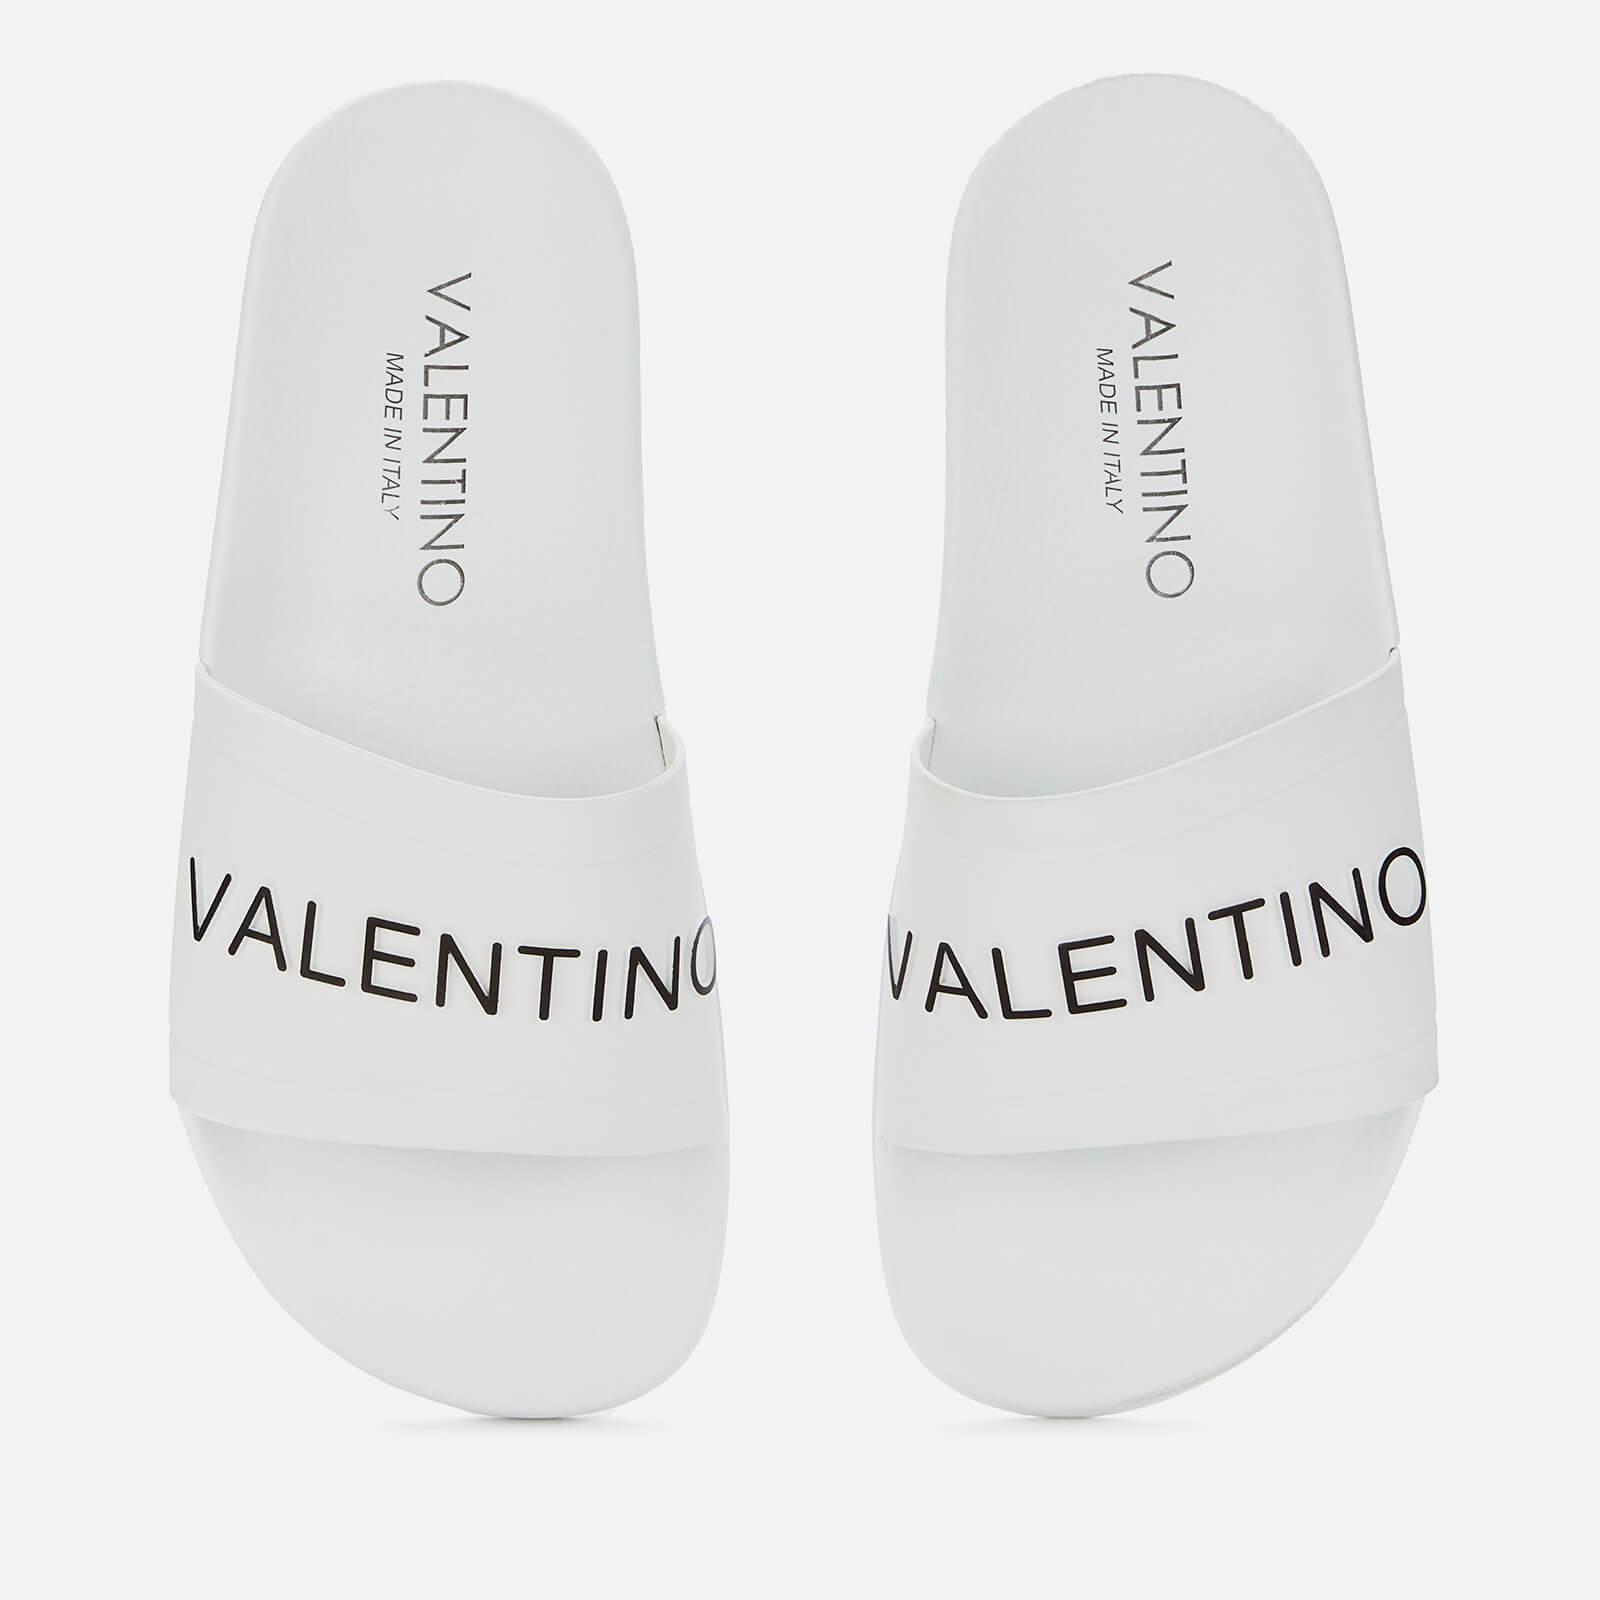 Valentino Shoes Women's Slide Sandals - White - UK 4